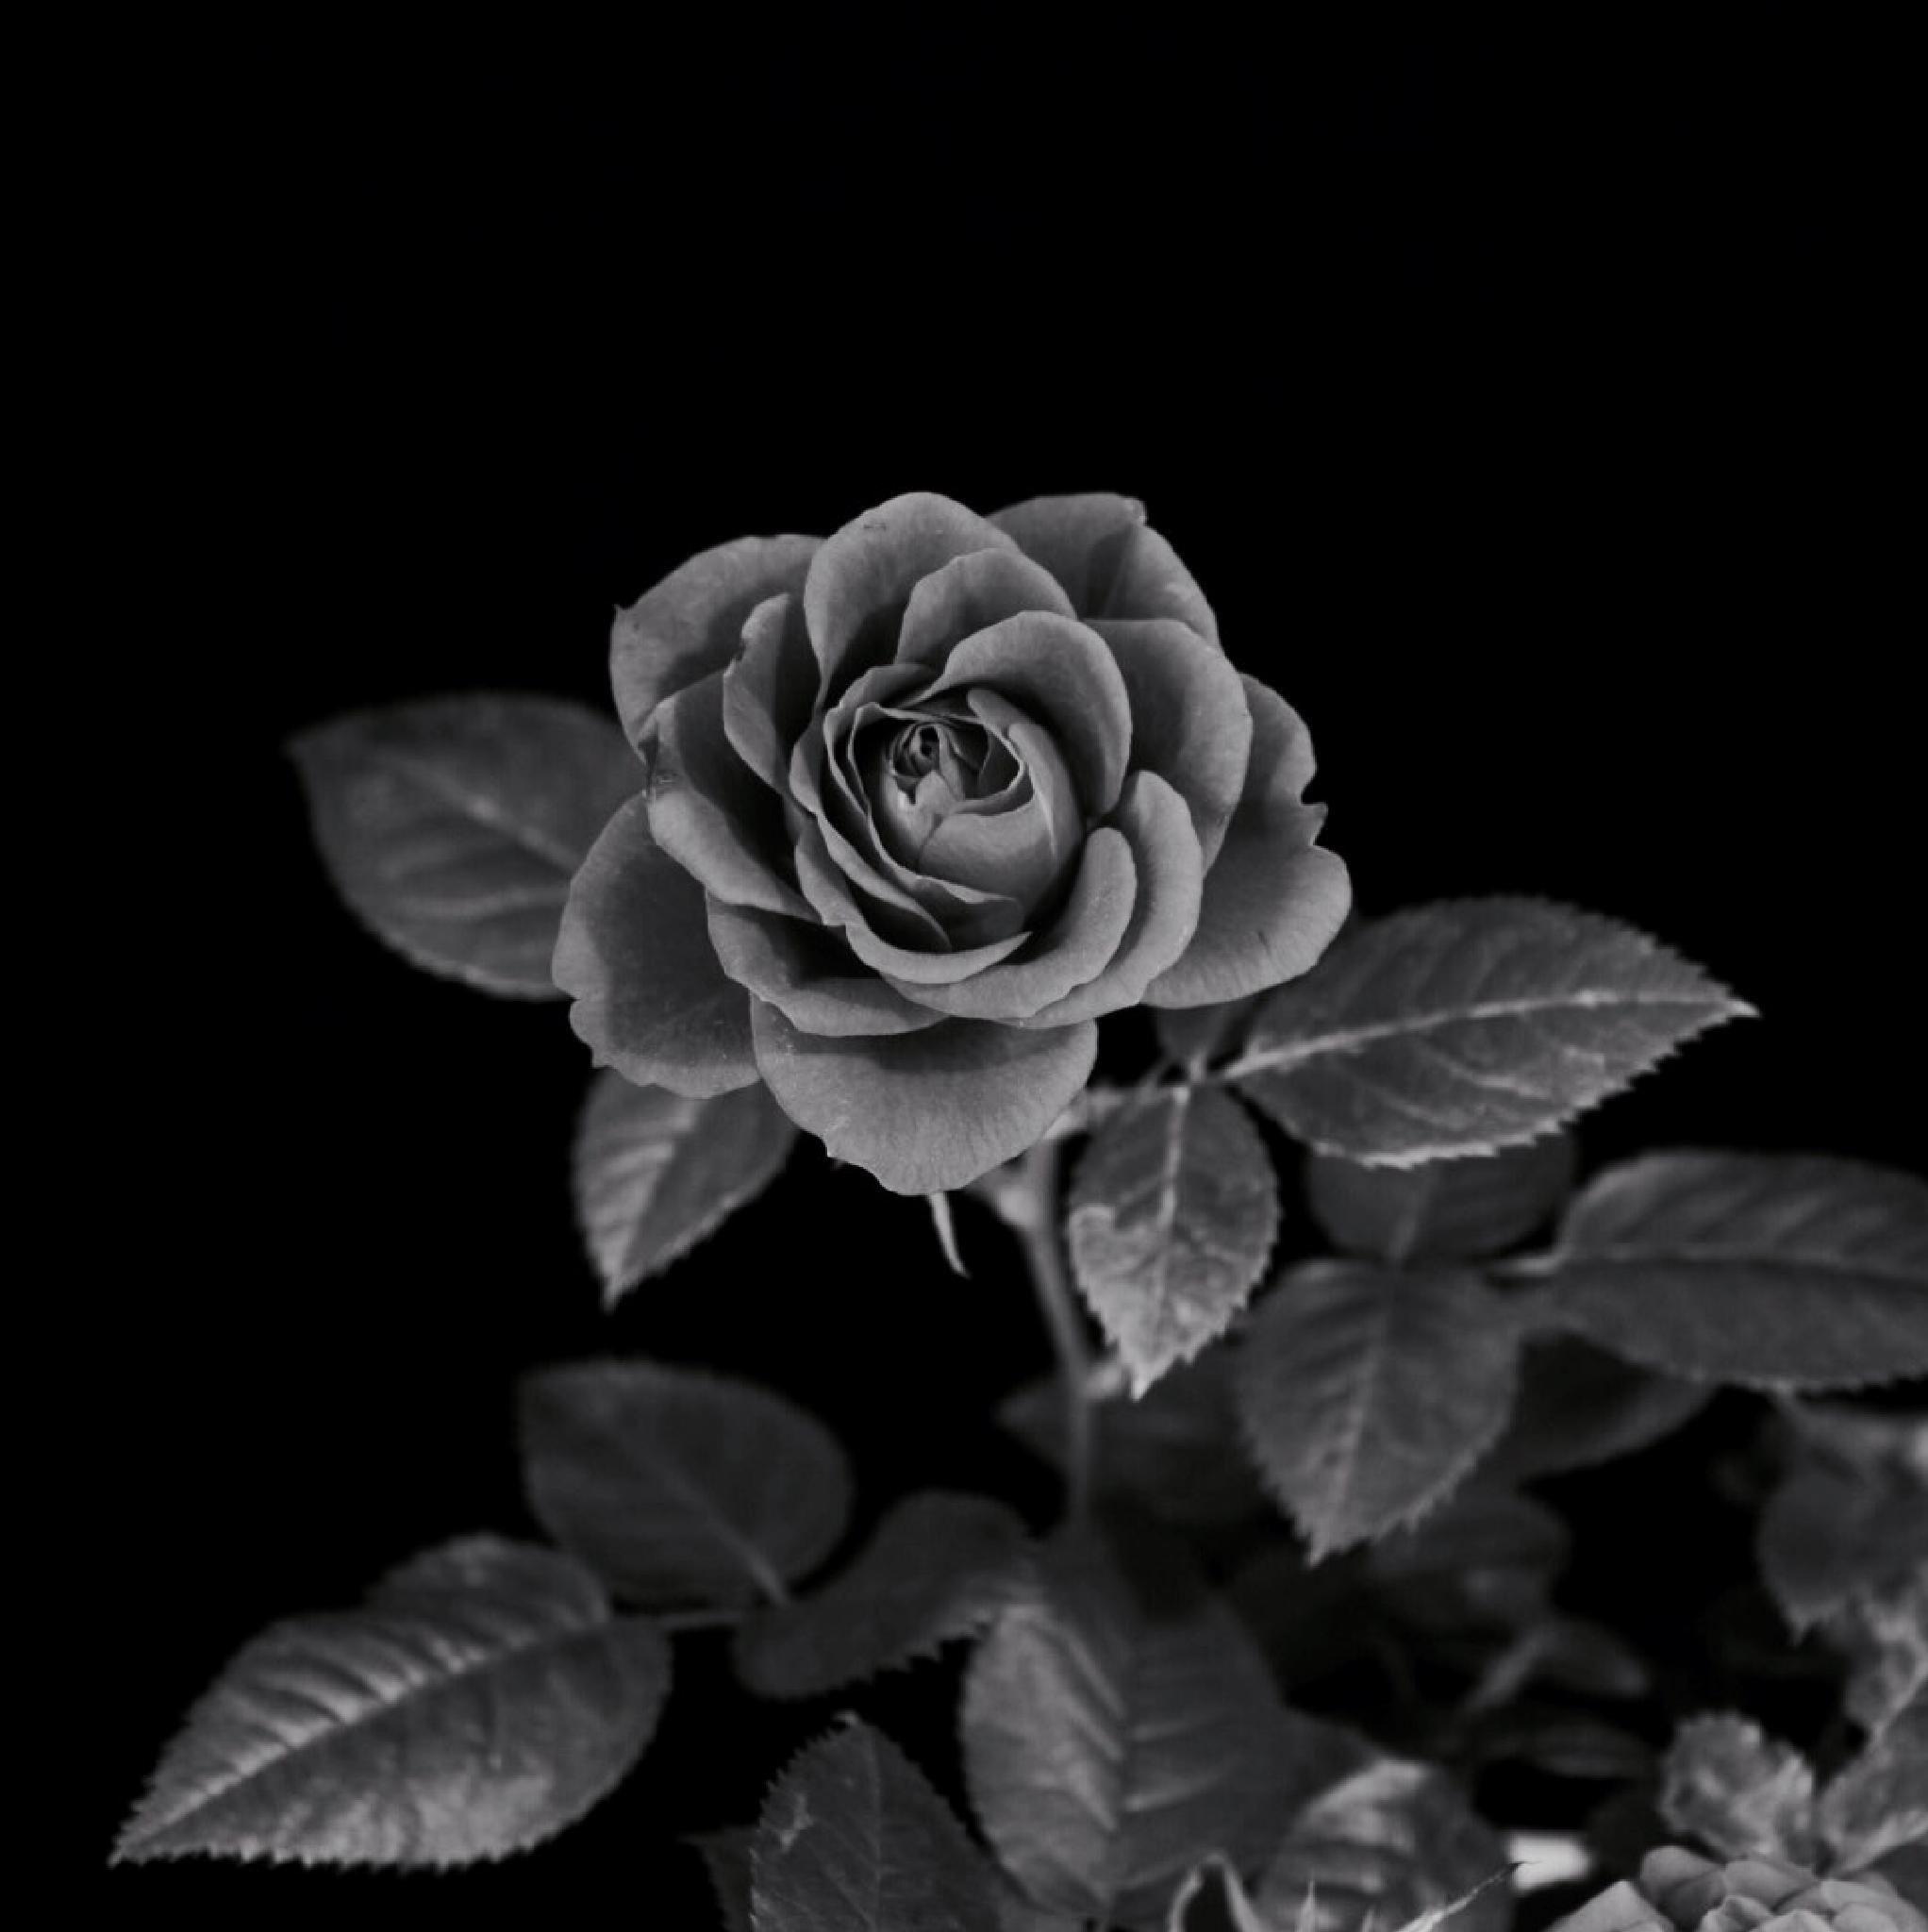 B&W Rose by rick.moss.654